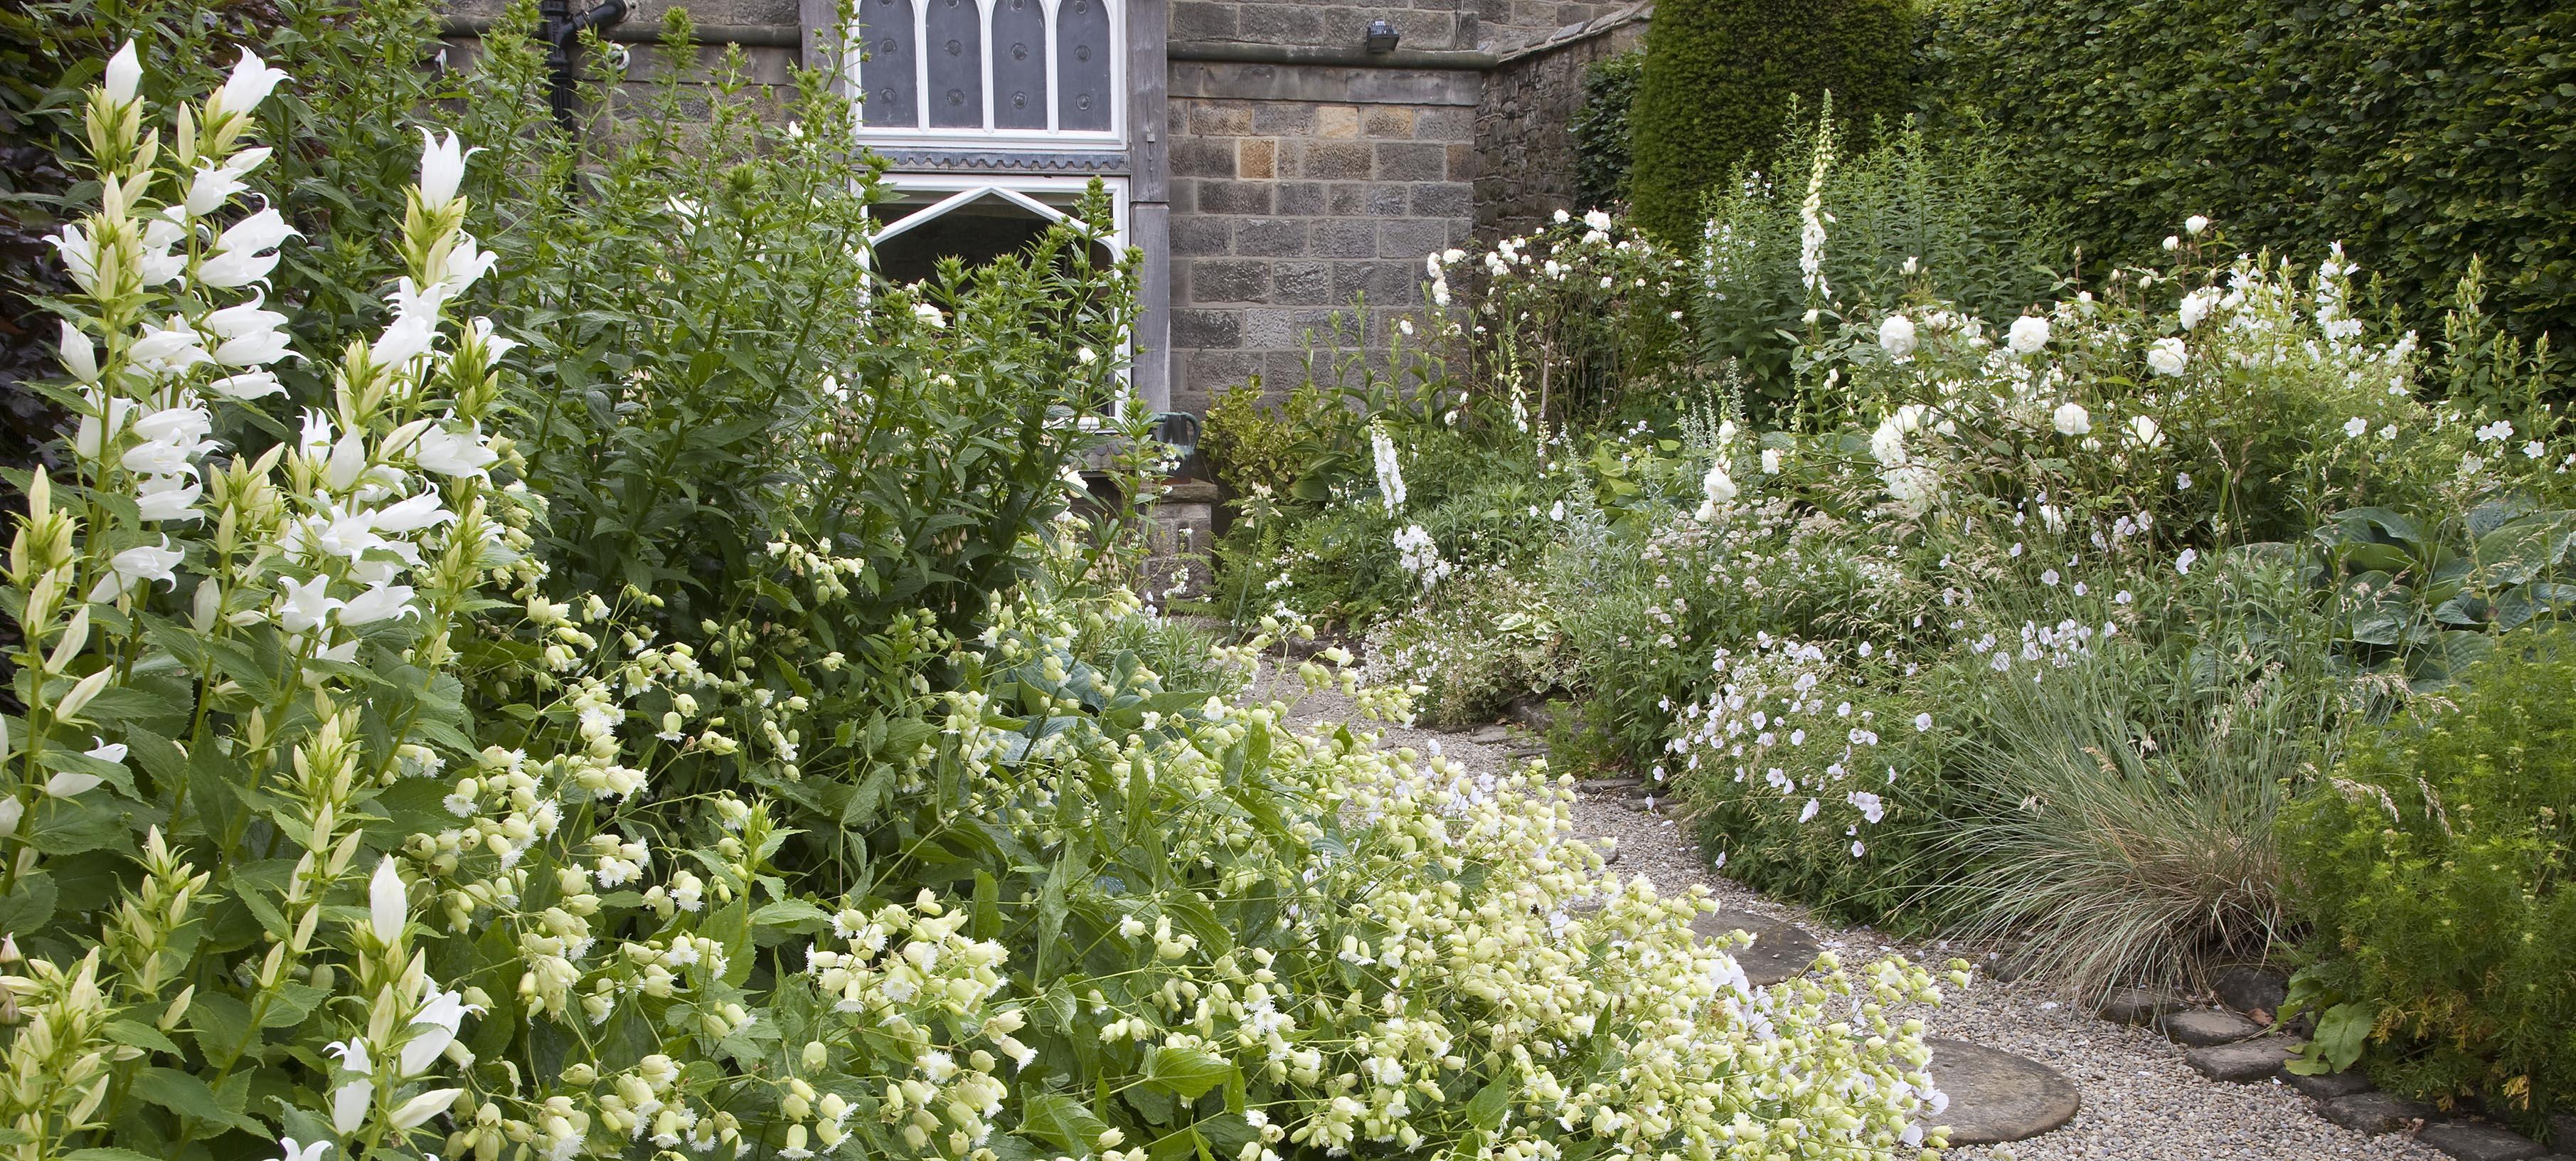 монохромный белый сад своими руками